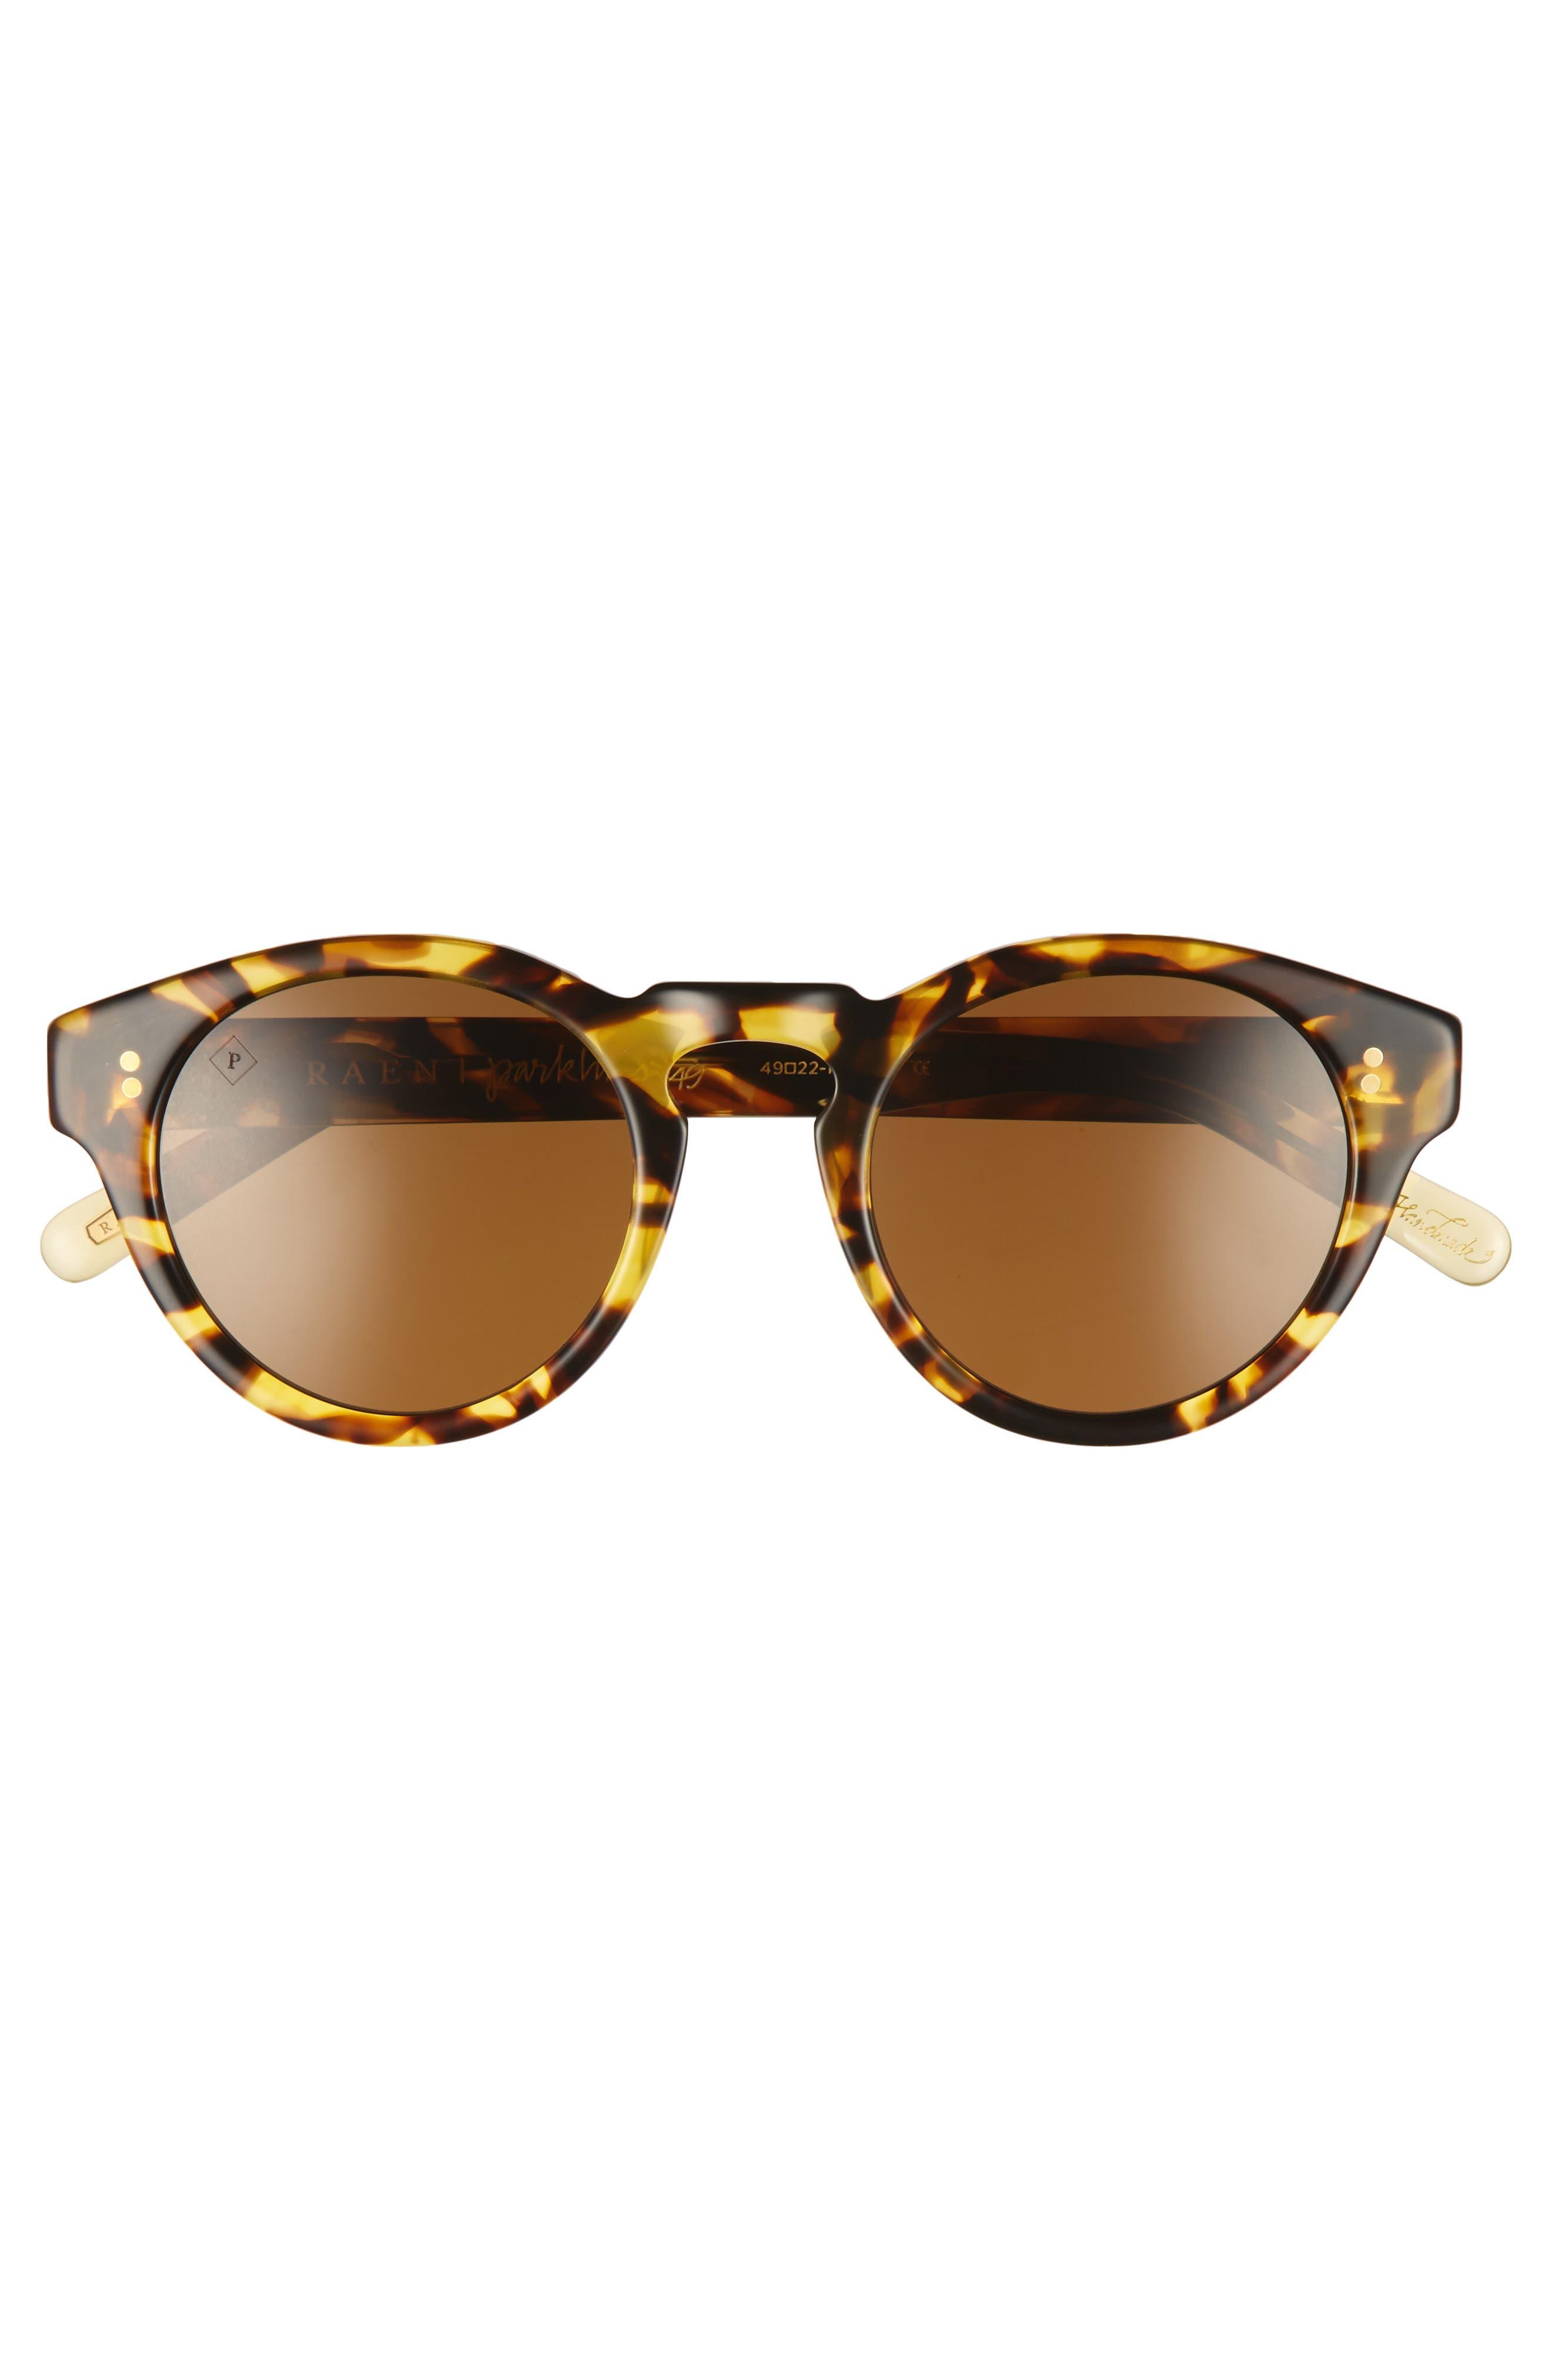 Parkhurst 49mm Sunglasses,                             Alternate thumbnail 2, color,                             Tokyo Tortoise/ Brown